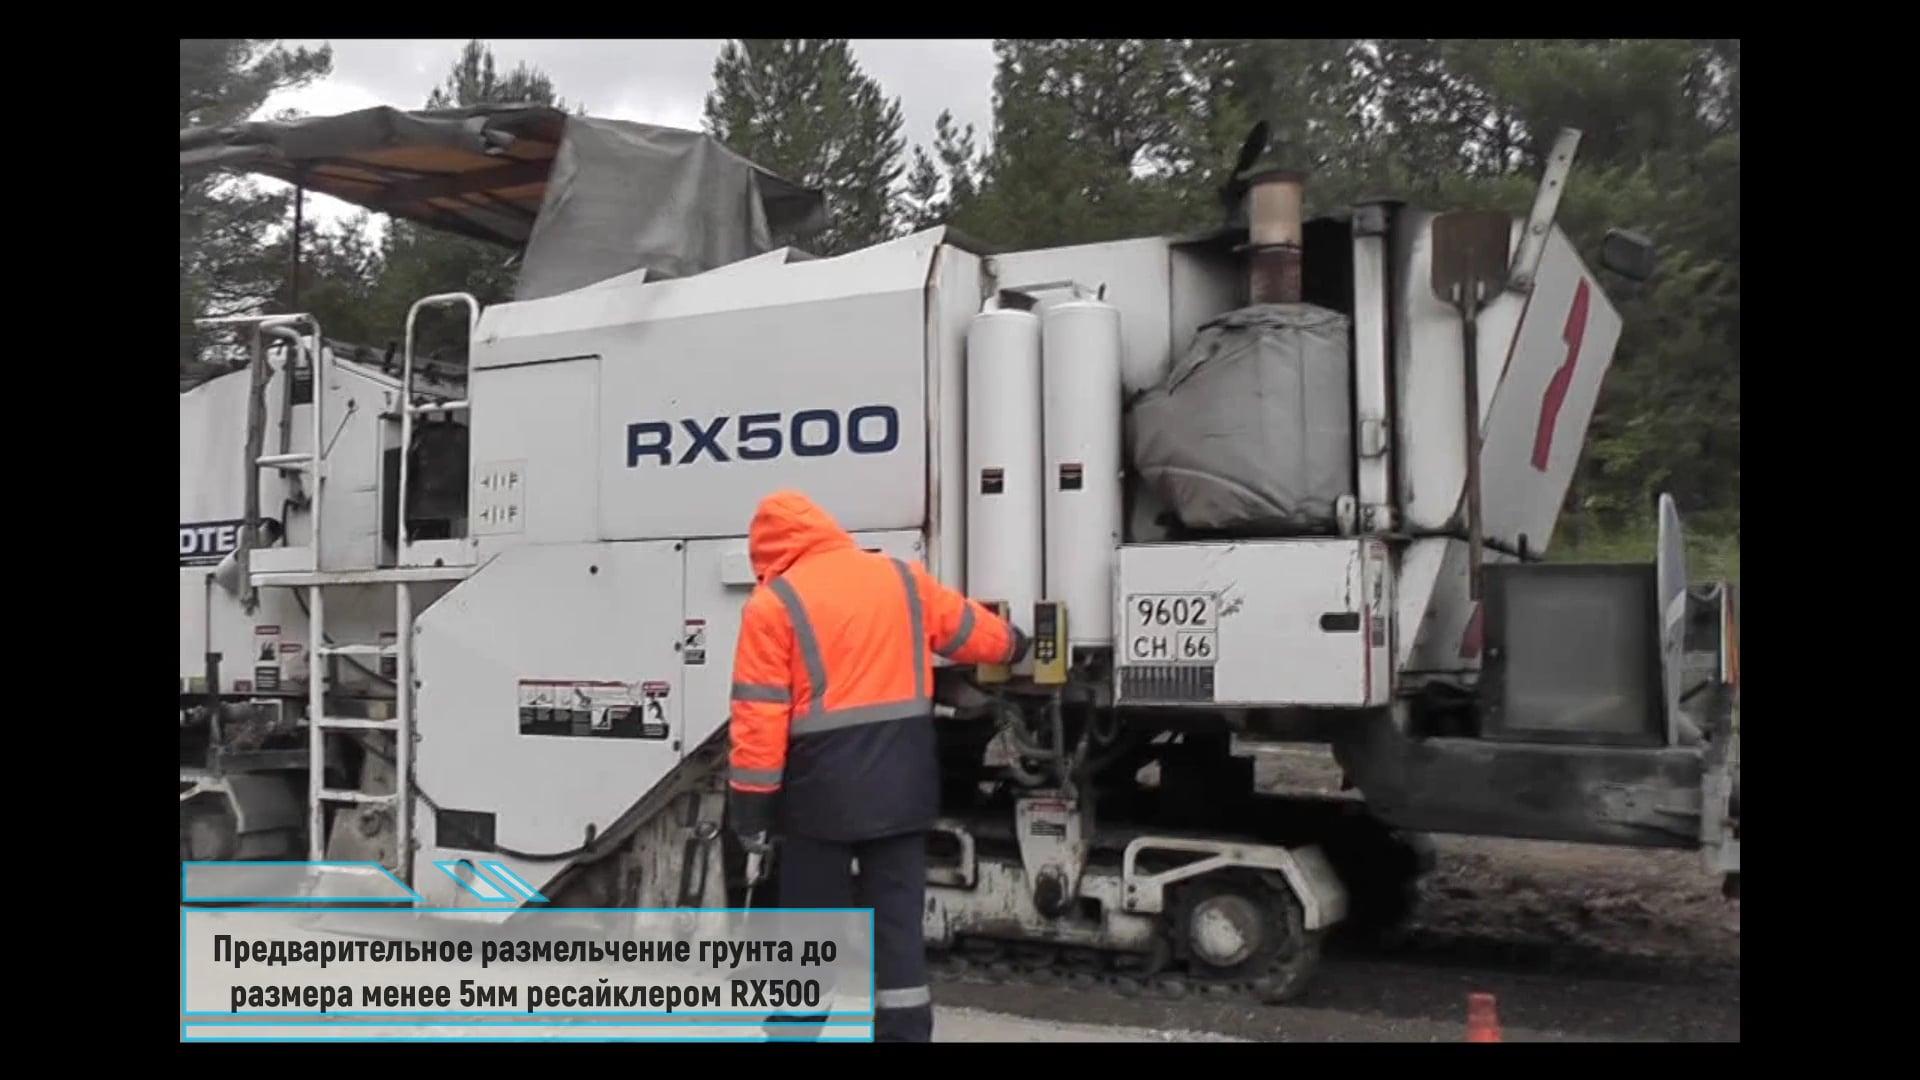 Сарана - Технология строительства покрытия автомобильных дорог из укрепленных грунтов